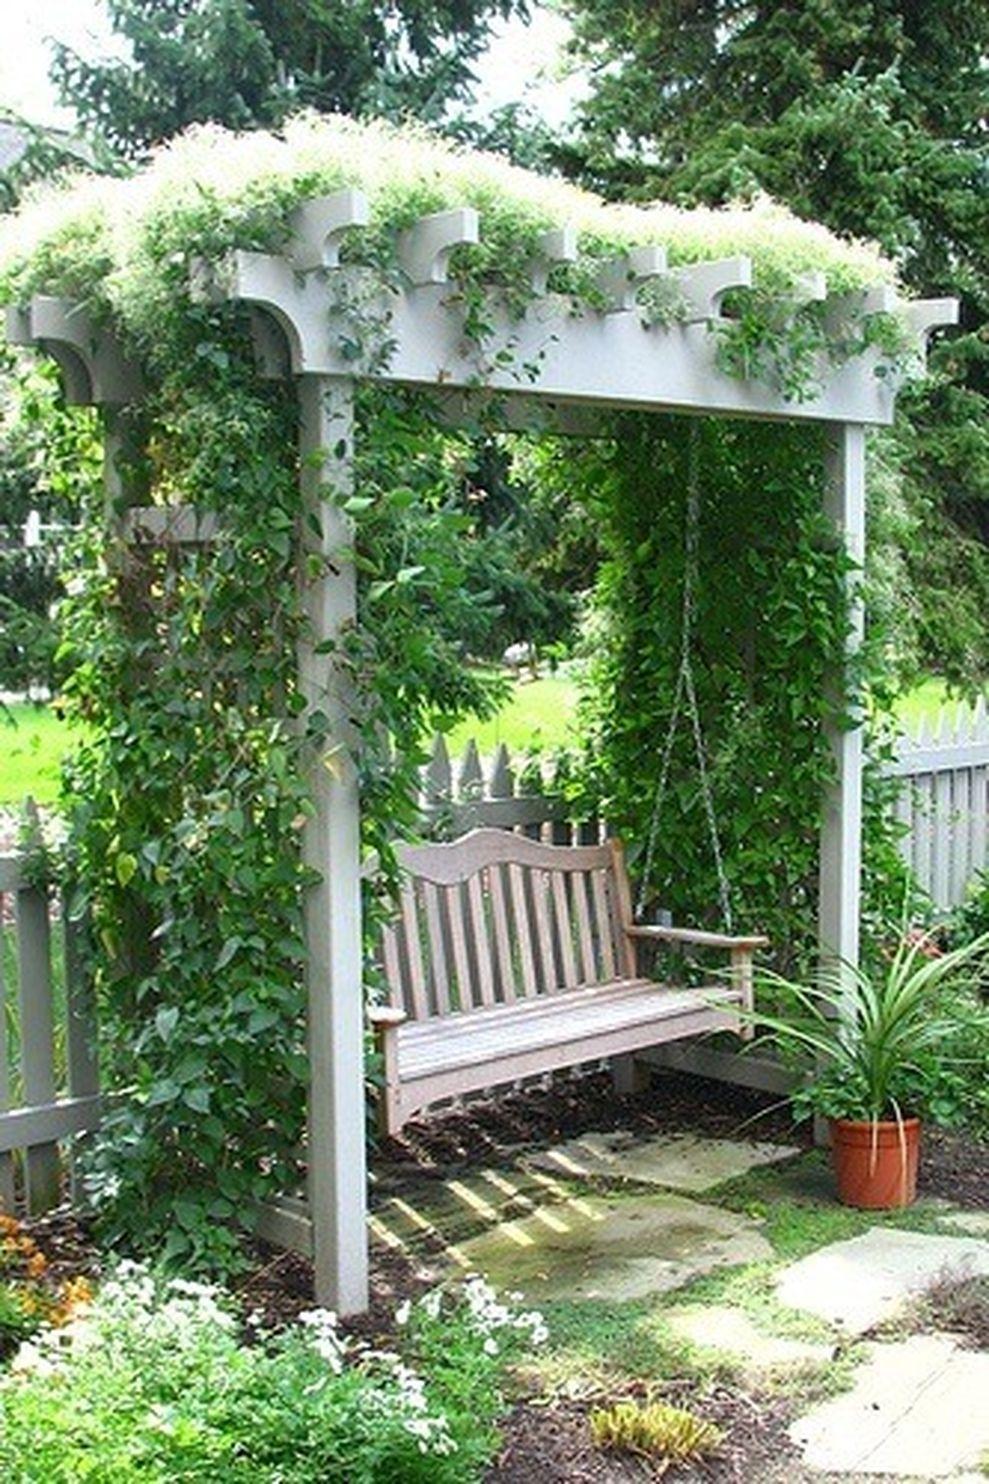 Cute and simple tiny patio garden ideas 50